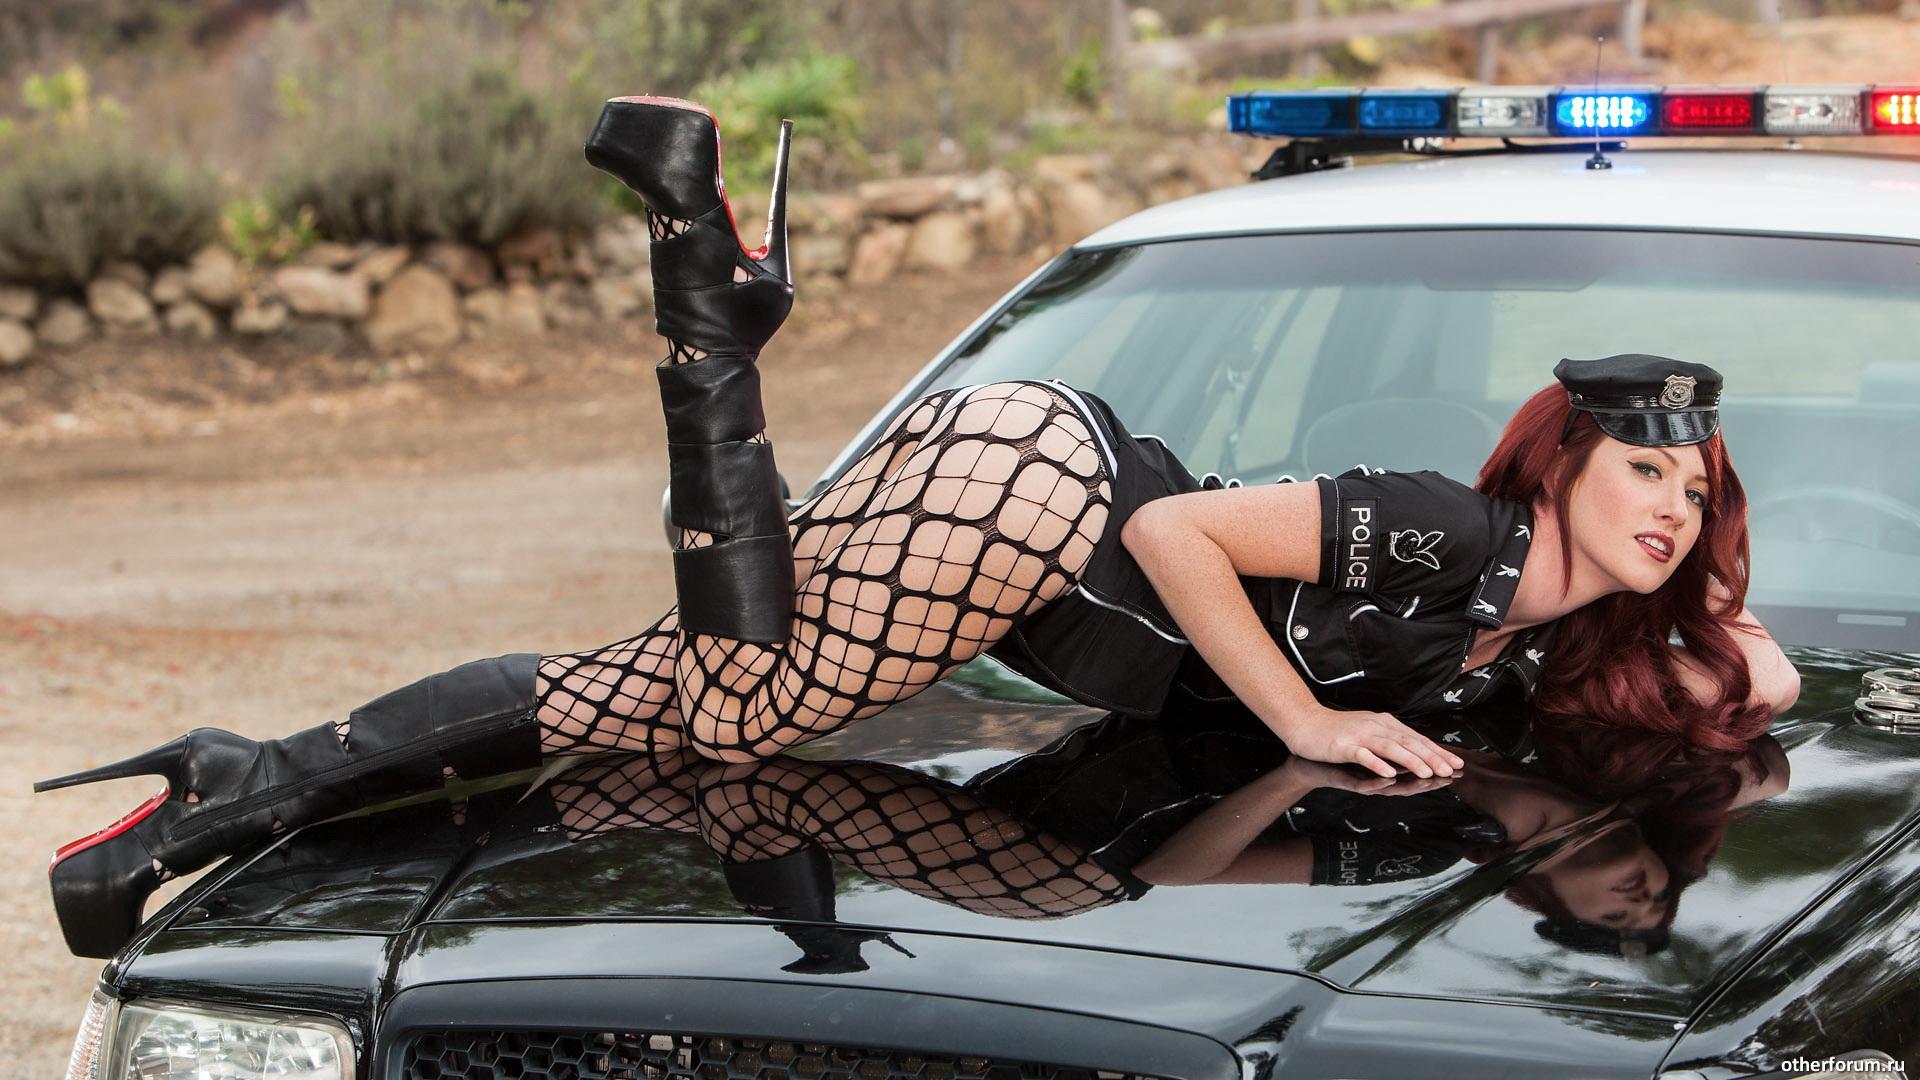 эротика фото полиция новыми людьми